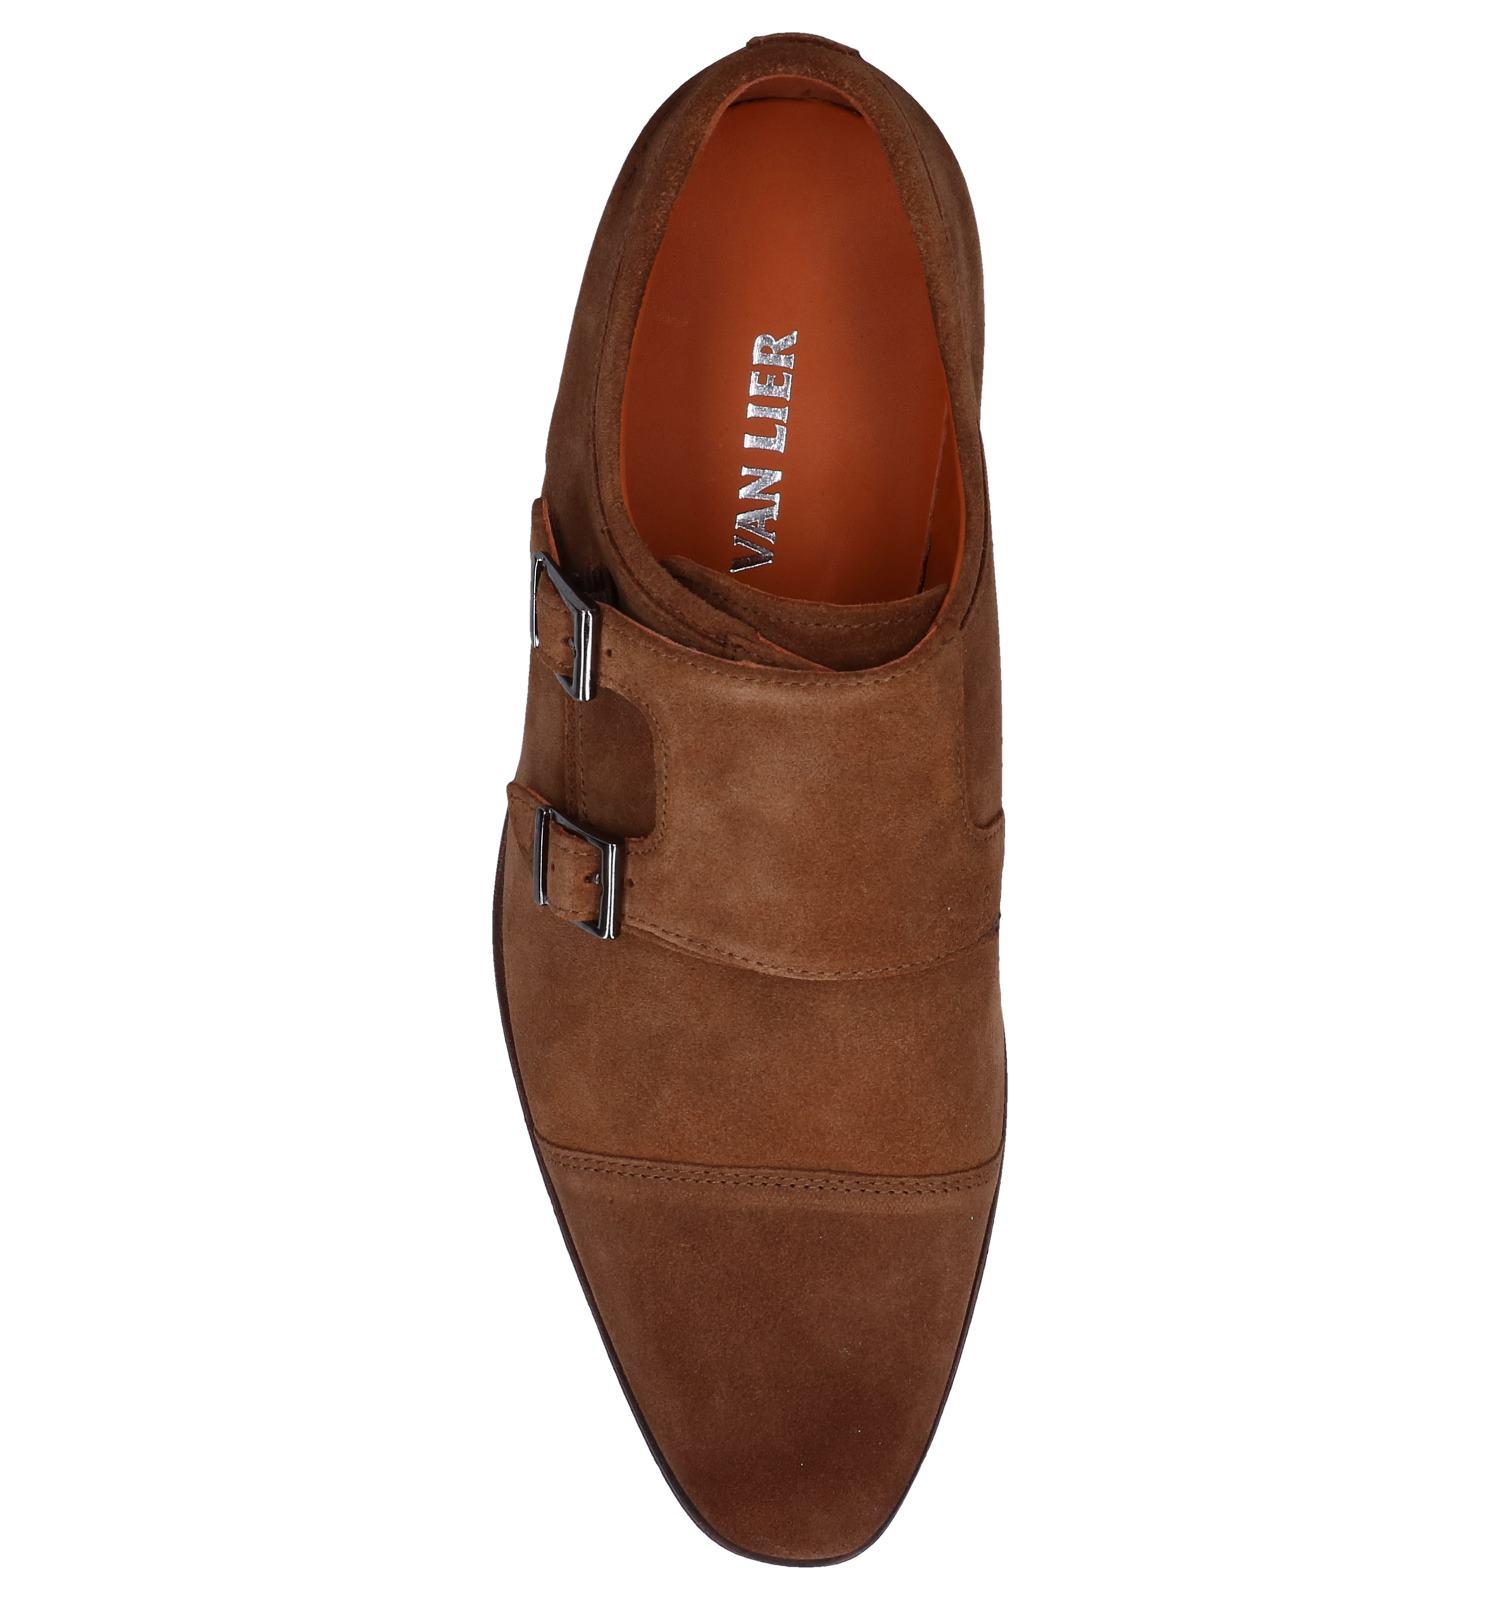 Chaussures be Van Et Lier HabilléescognacTorfs Livraison myn0wO8vN